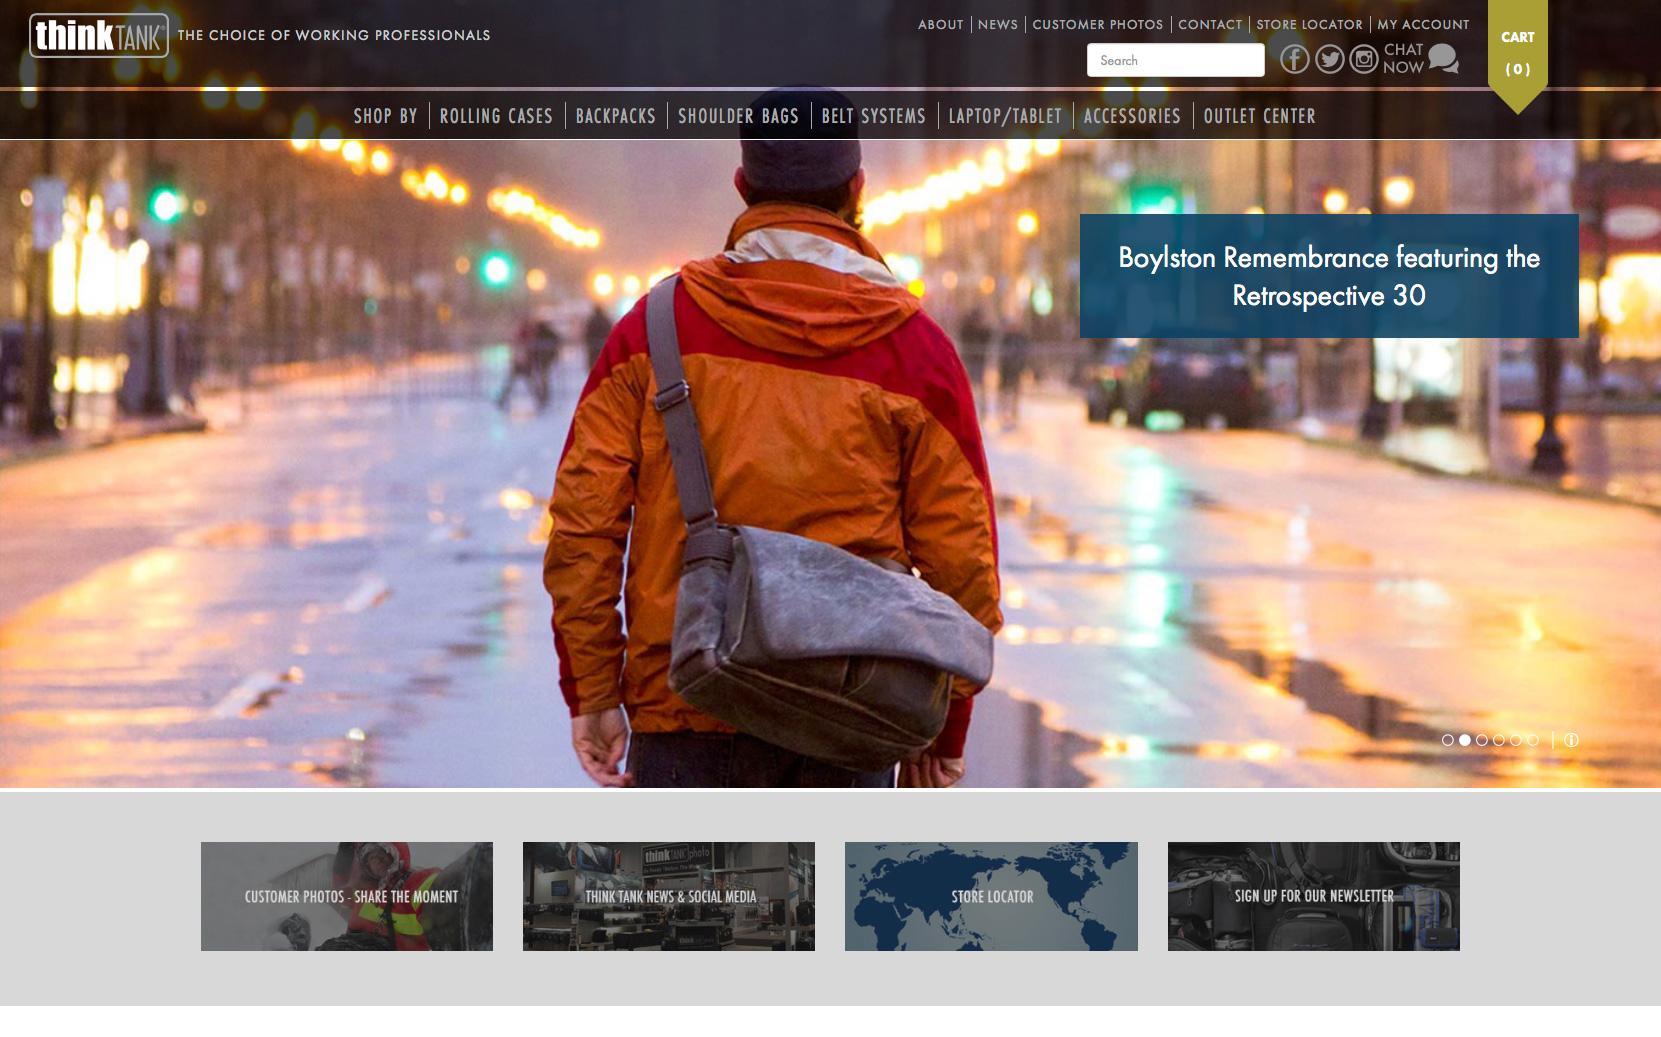 www.thinktankphoto.com